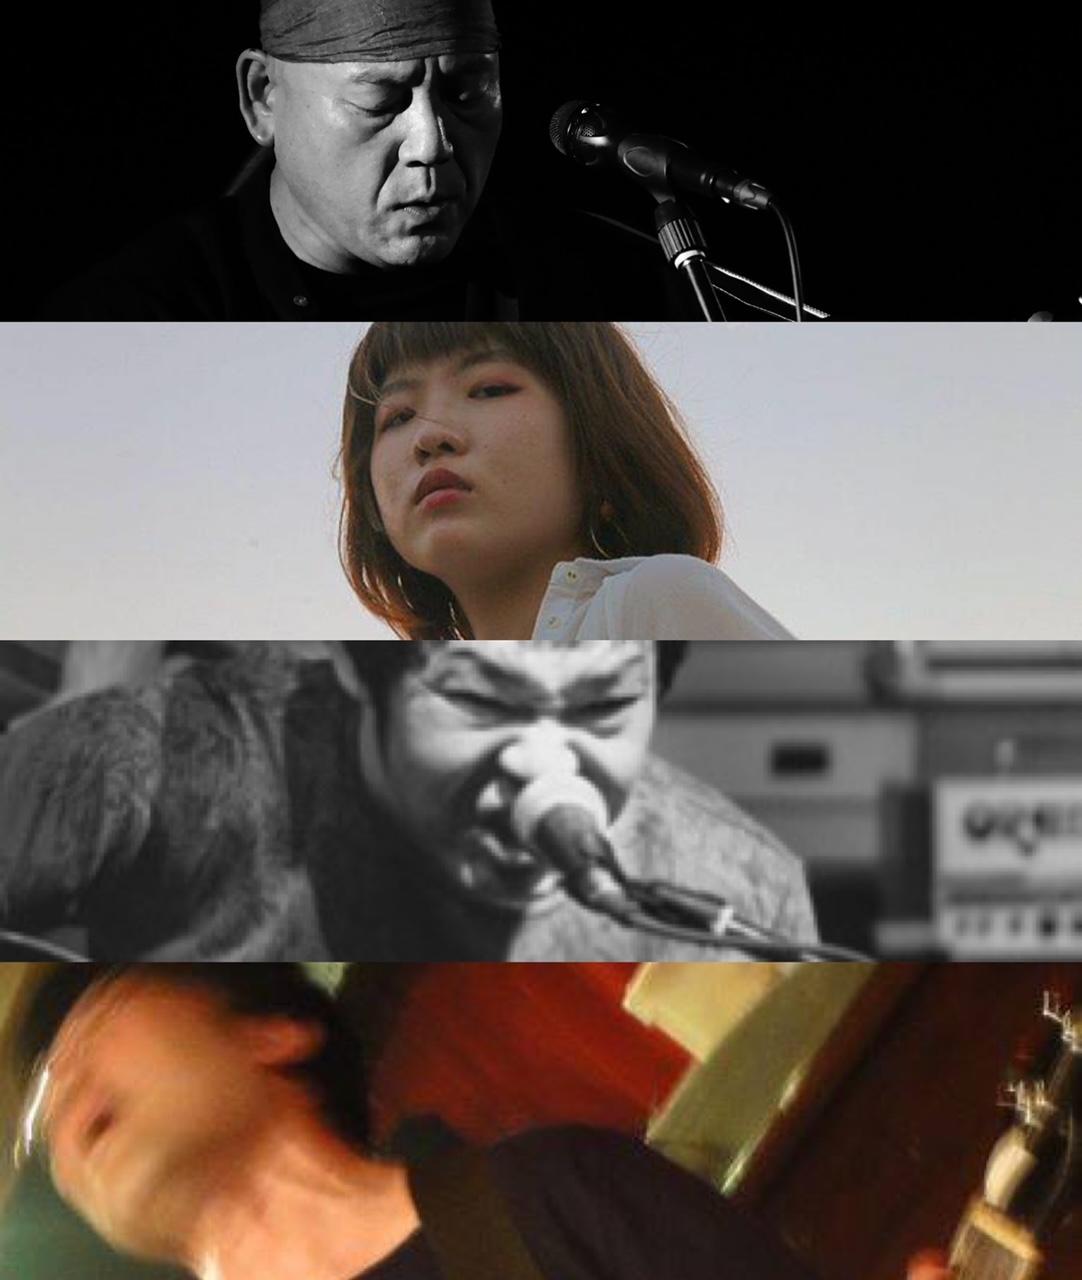 『月に手を伸ばせ ~even if we can't~』出演:坂井ライ / りお / 高田拓実 / イシガミシンタロウ